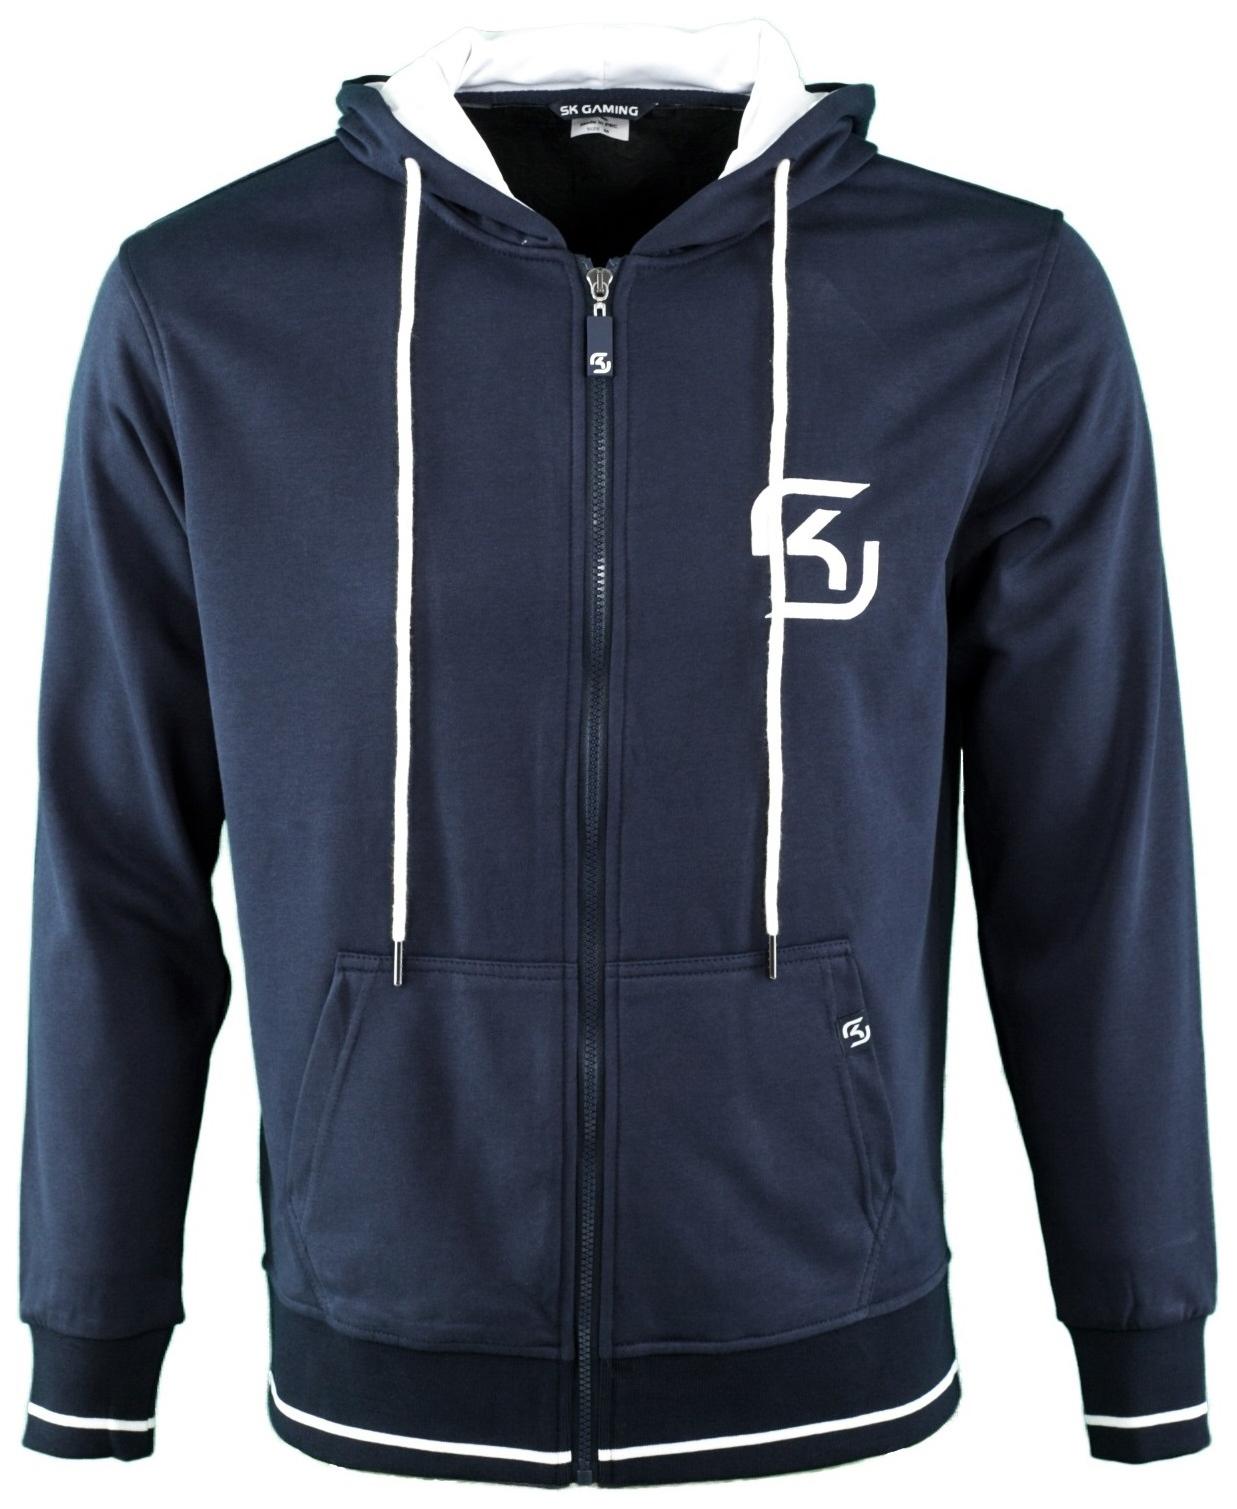 Худи SK Gaming Zipped Hoodie (L)